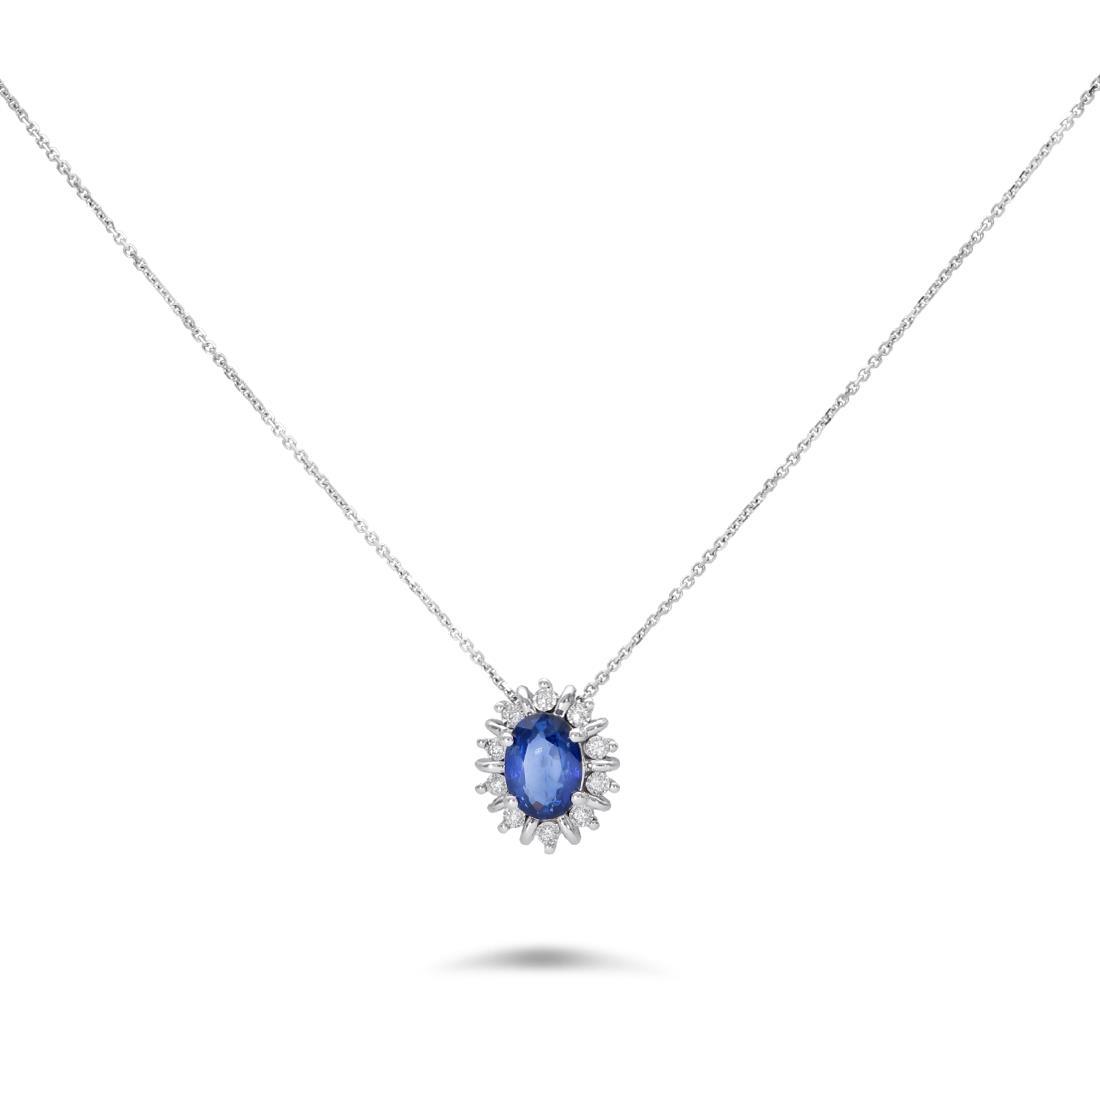 Collana con zaffiro e diamanti - LUXURY ZONE